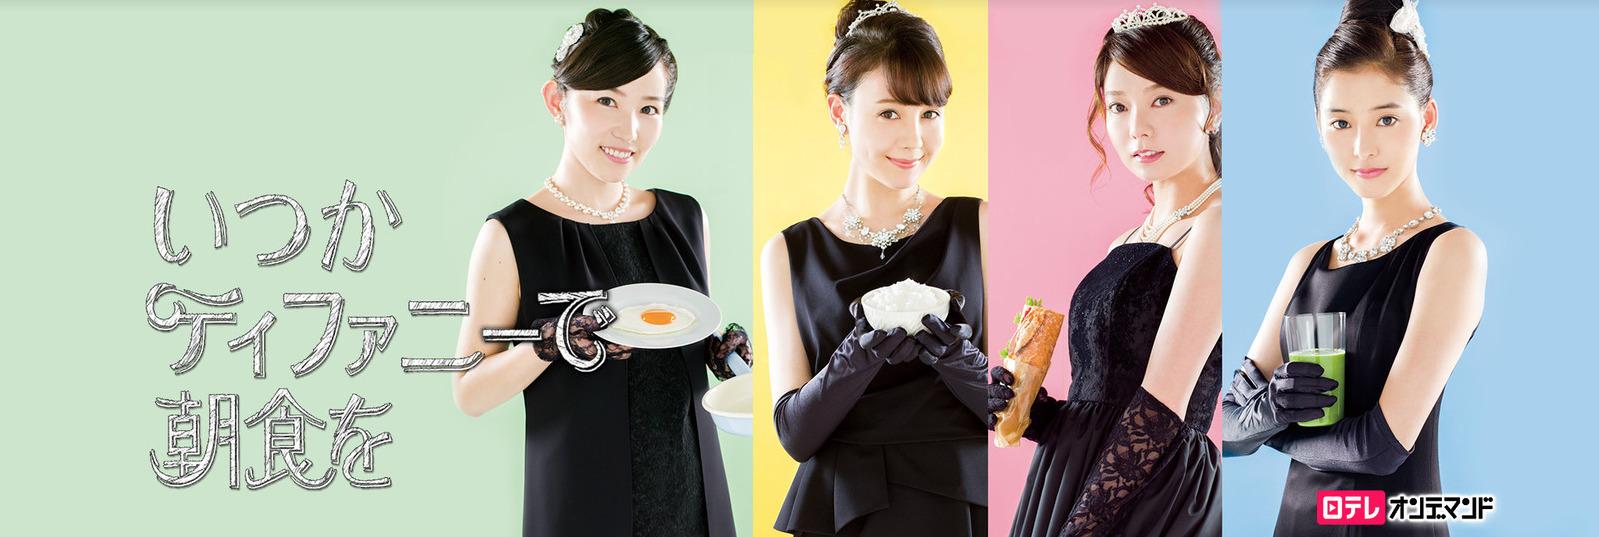 いつかティファニーで朝食をアイキャッチ画像